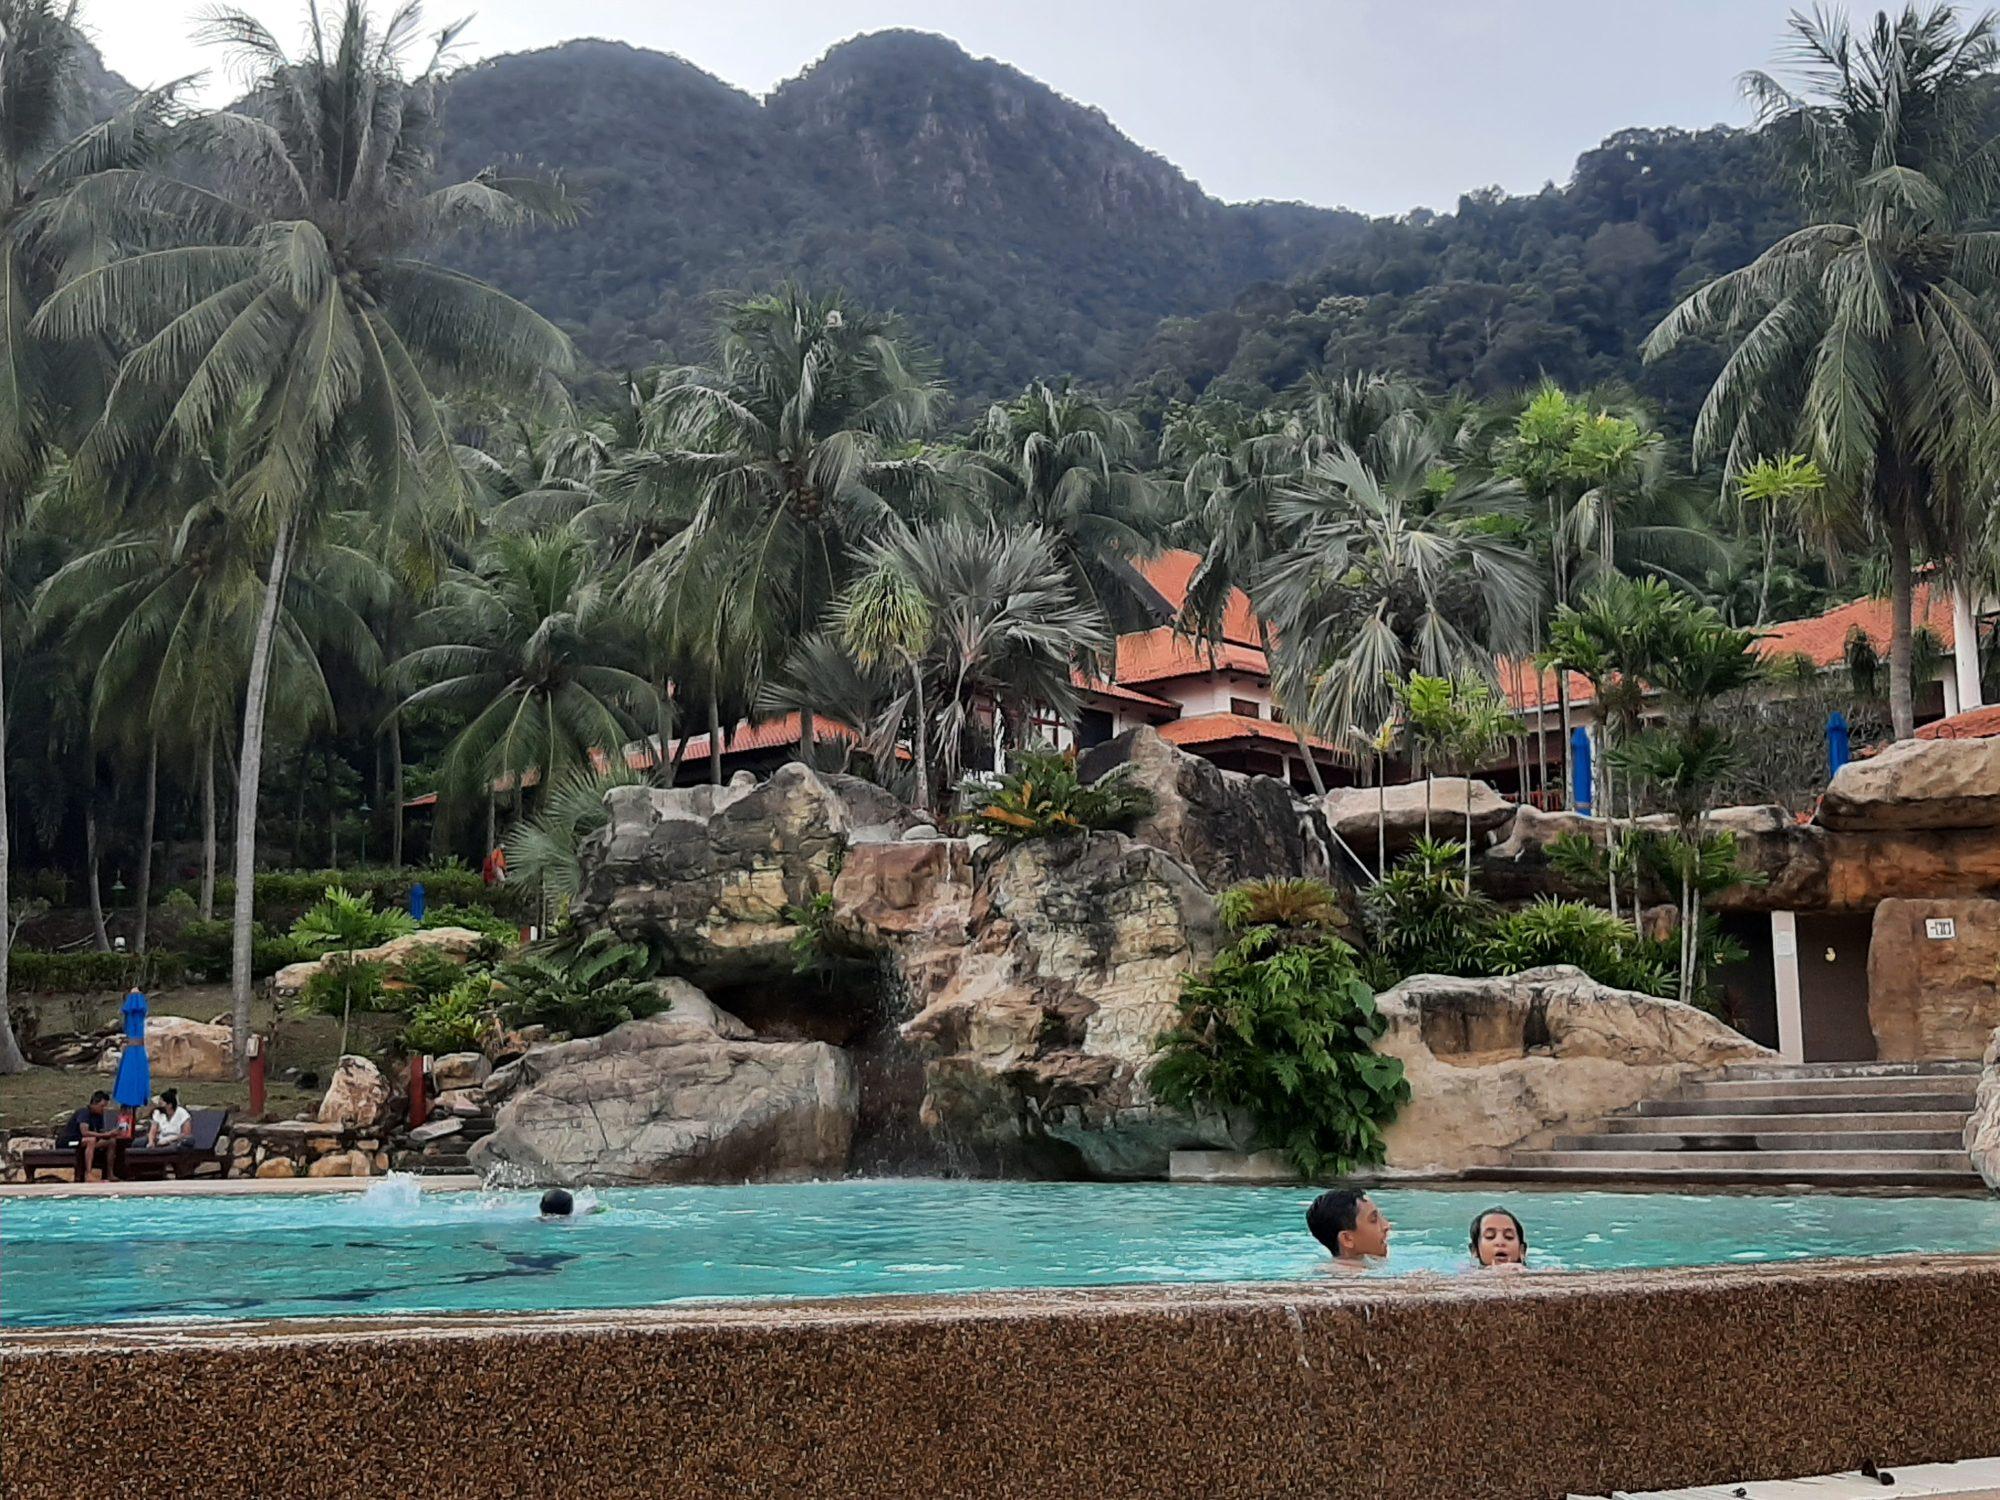 The Berjaya Langkawi Resort. Photo: Ziad El Muzayen